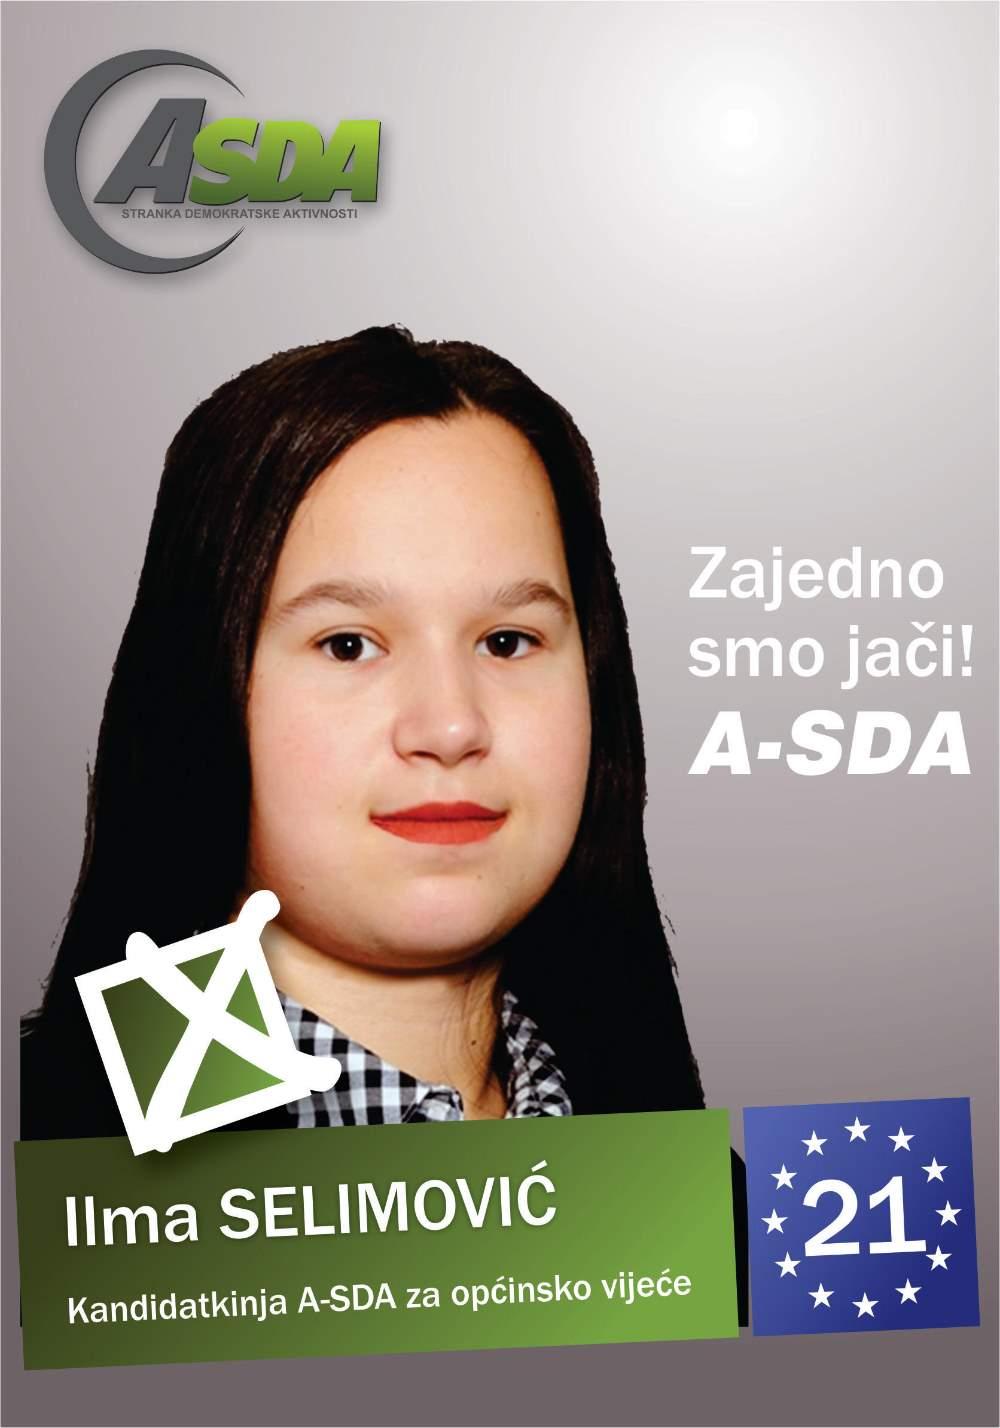 Ilma Selimović